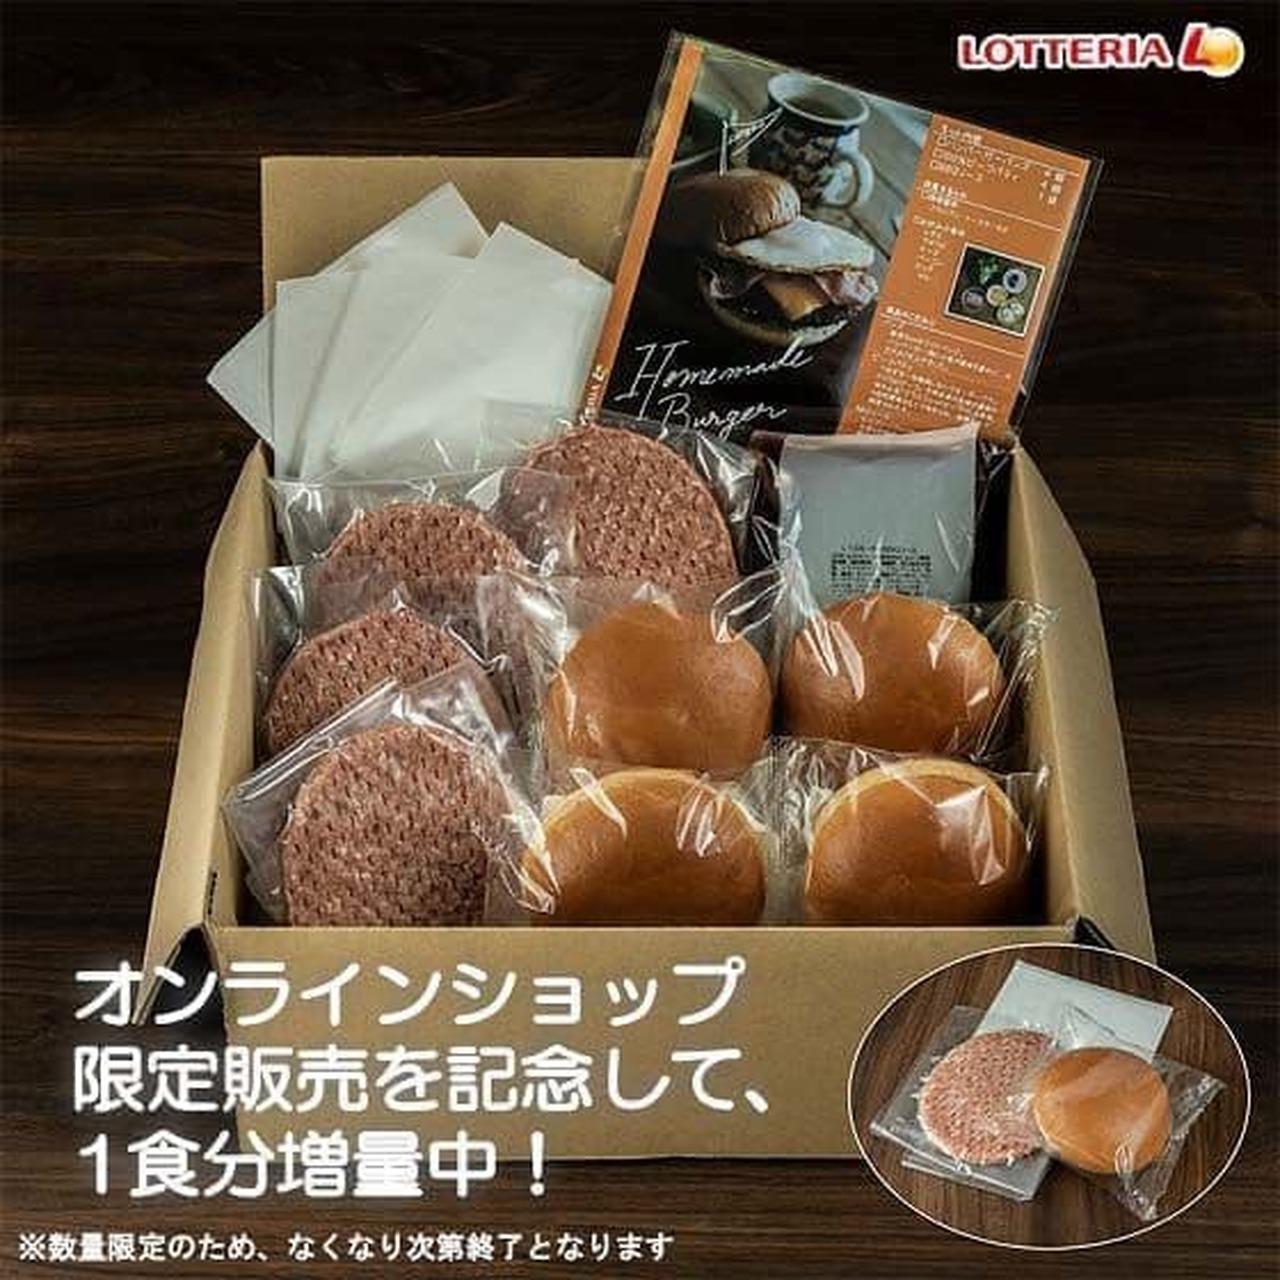 ロッテリア ハンバーガーキット(4食)